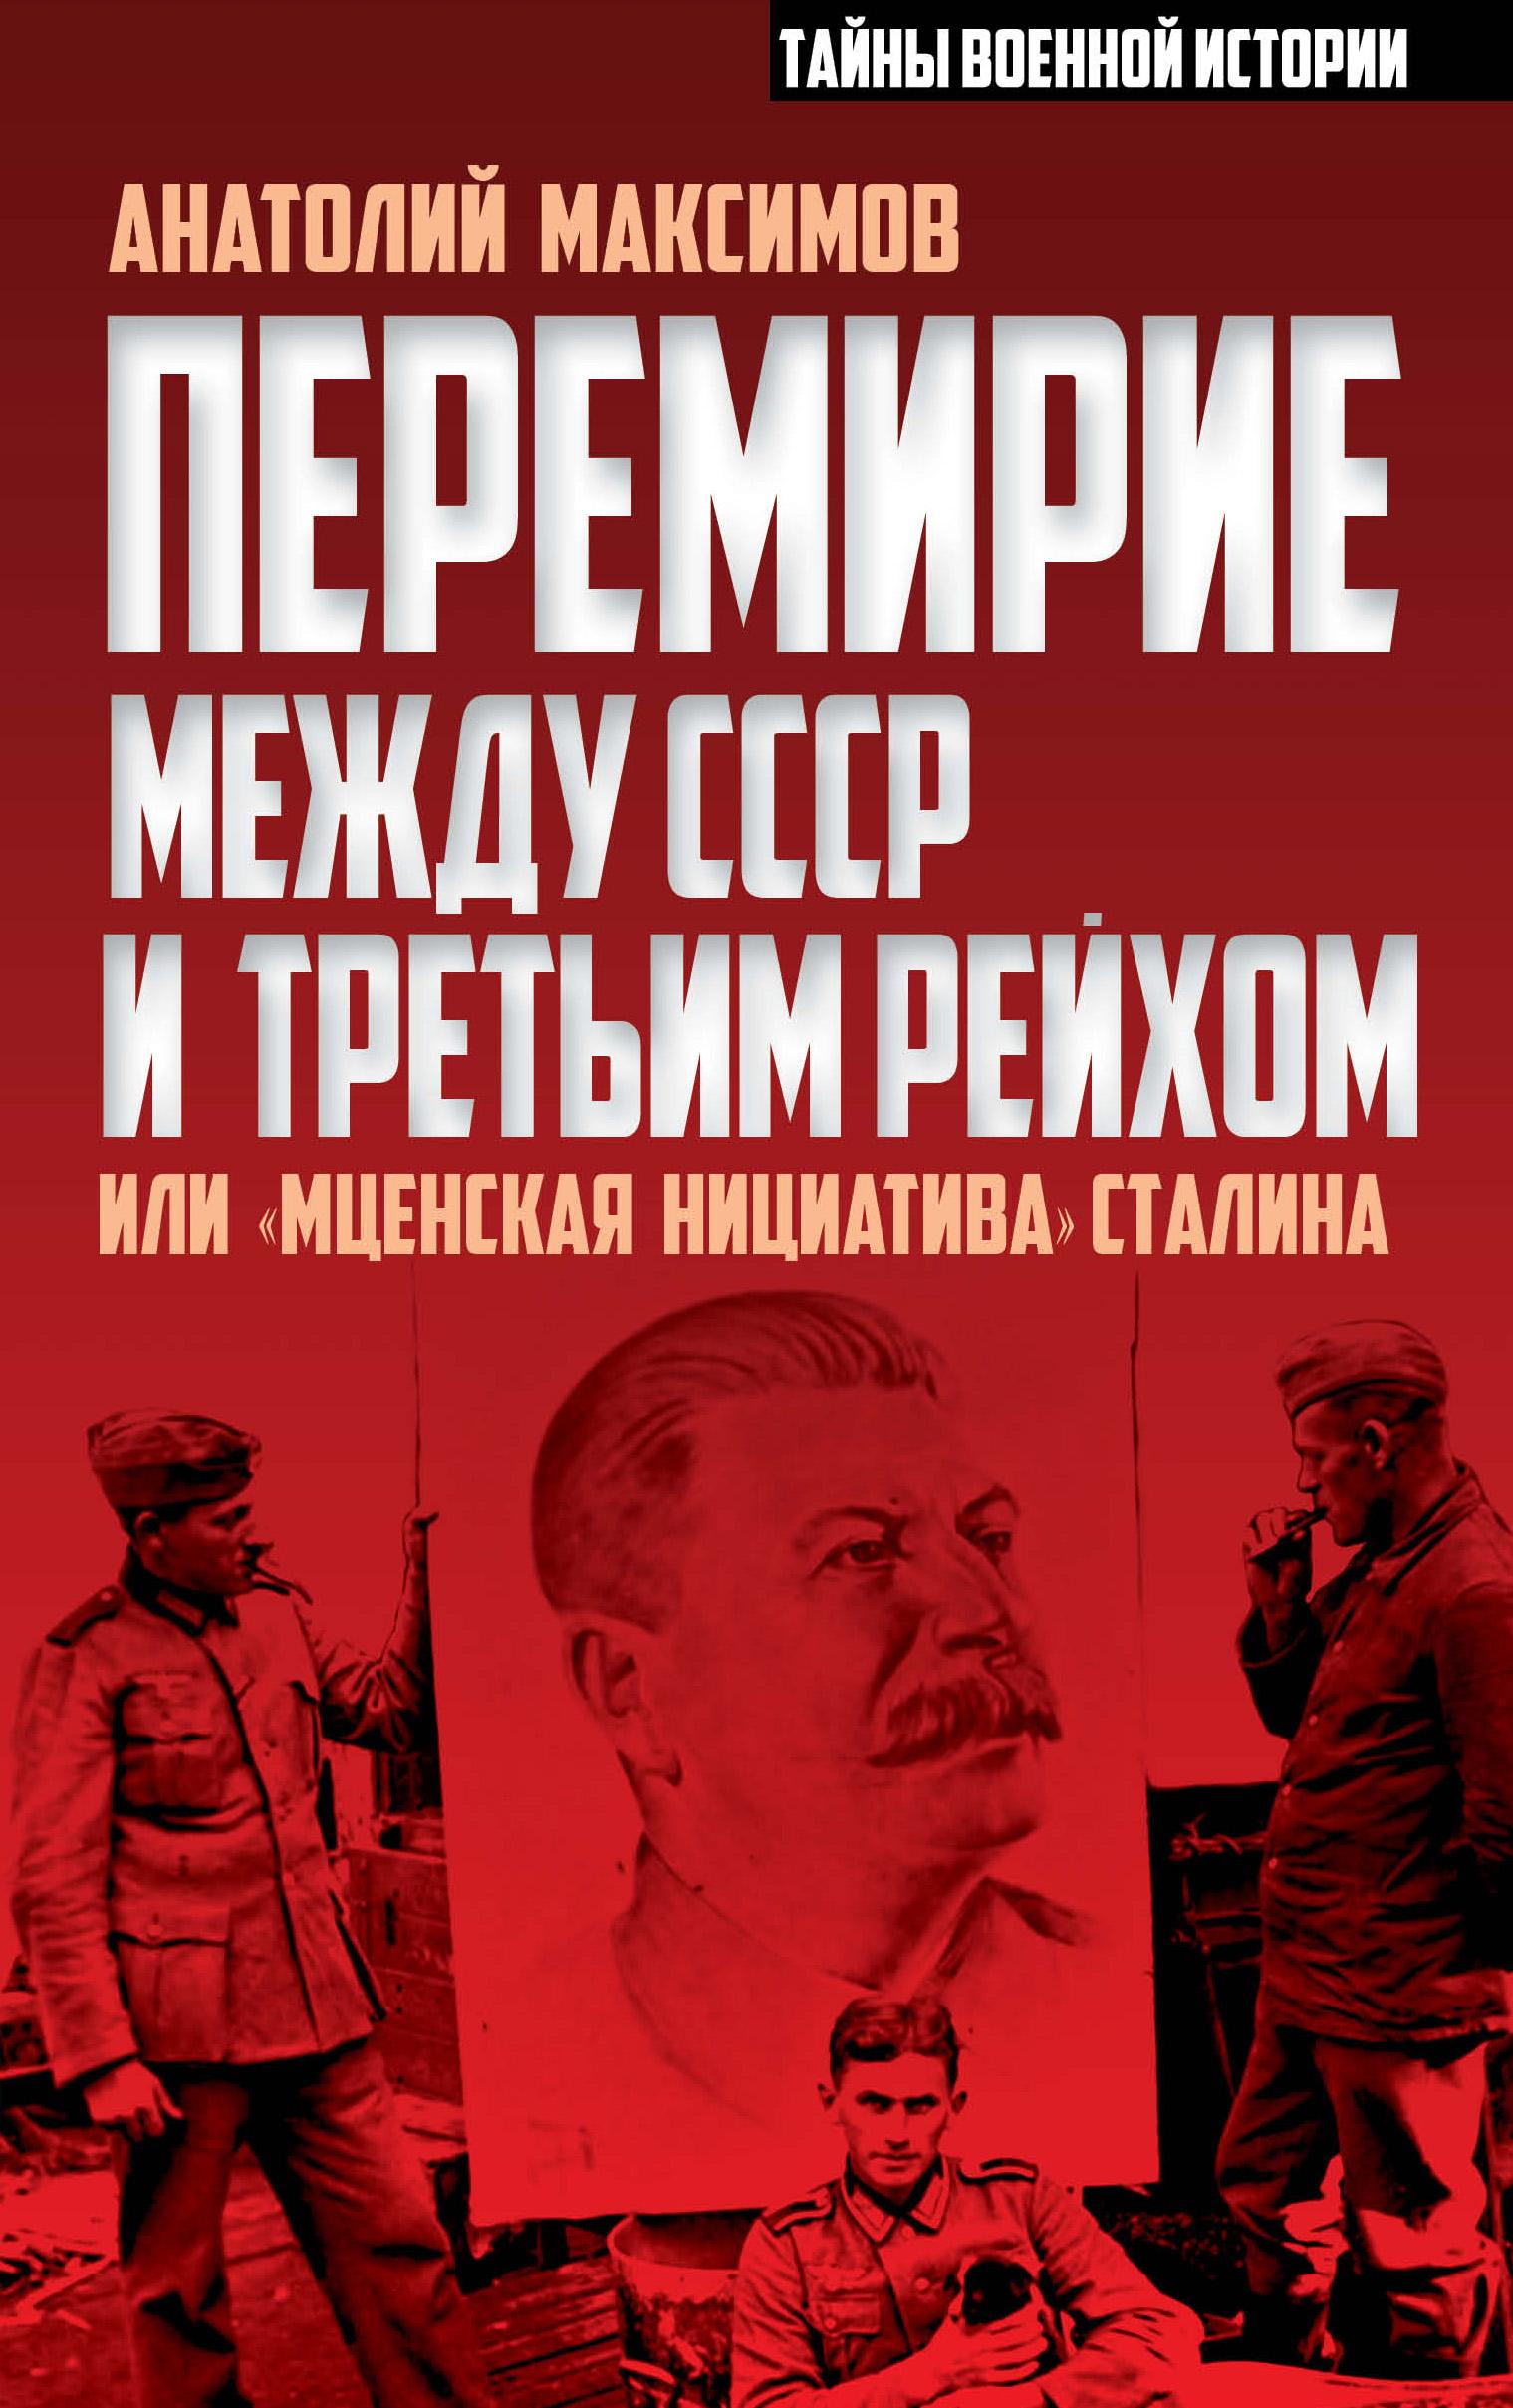 Анатолий Максимов Перемирие между СССР и Третьим Рейхом, или «Мценская инициатива» Сталина